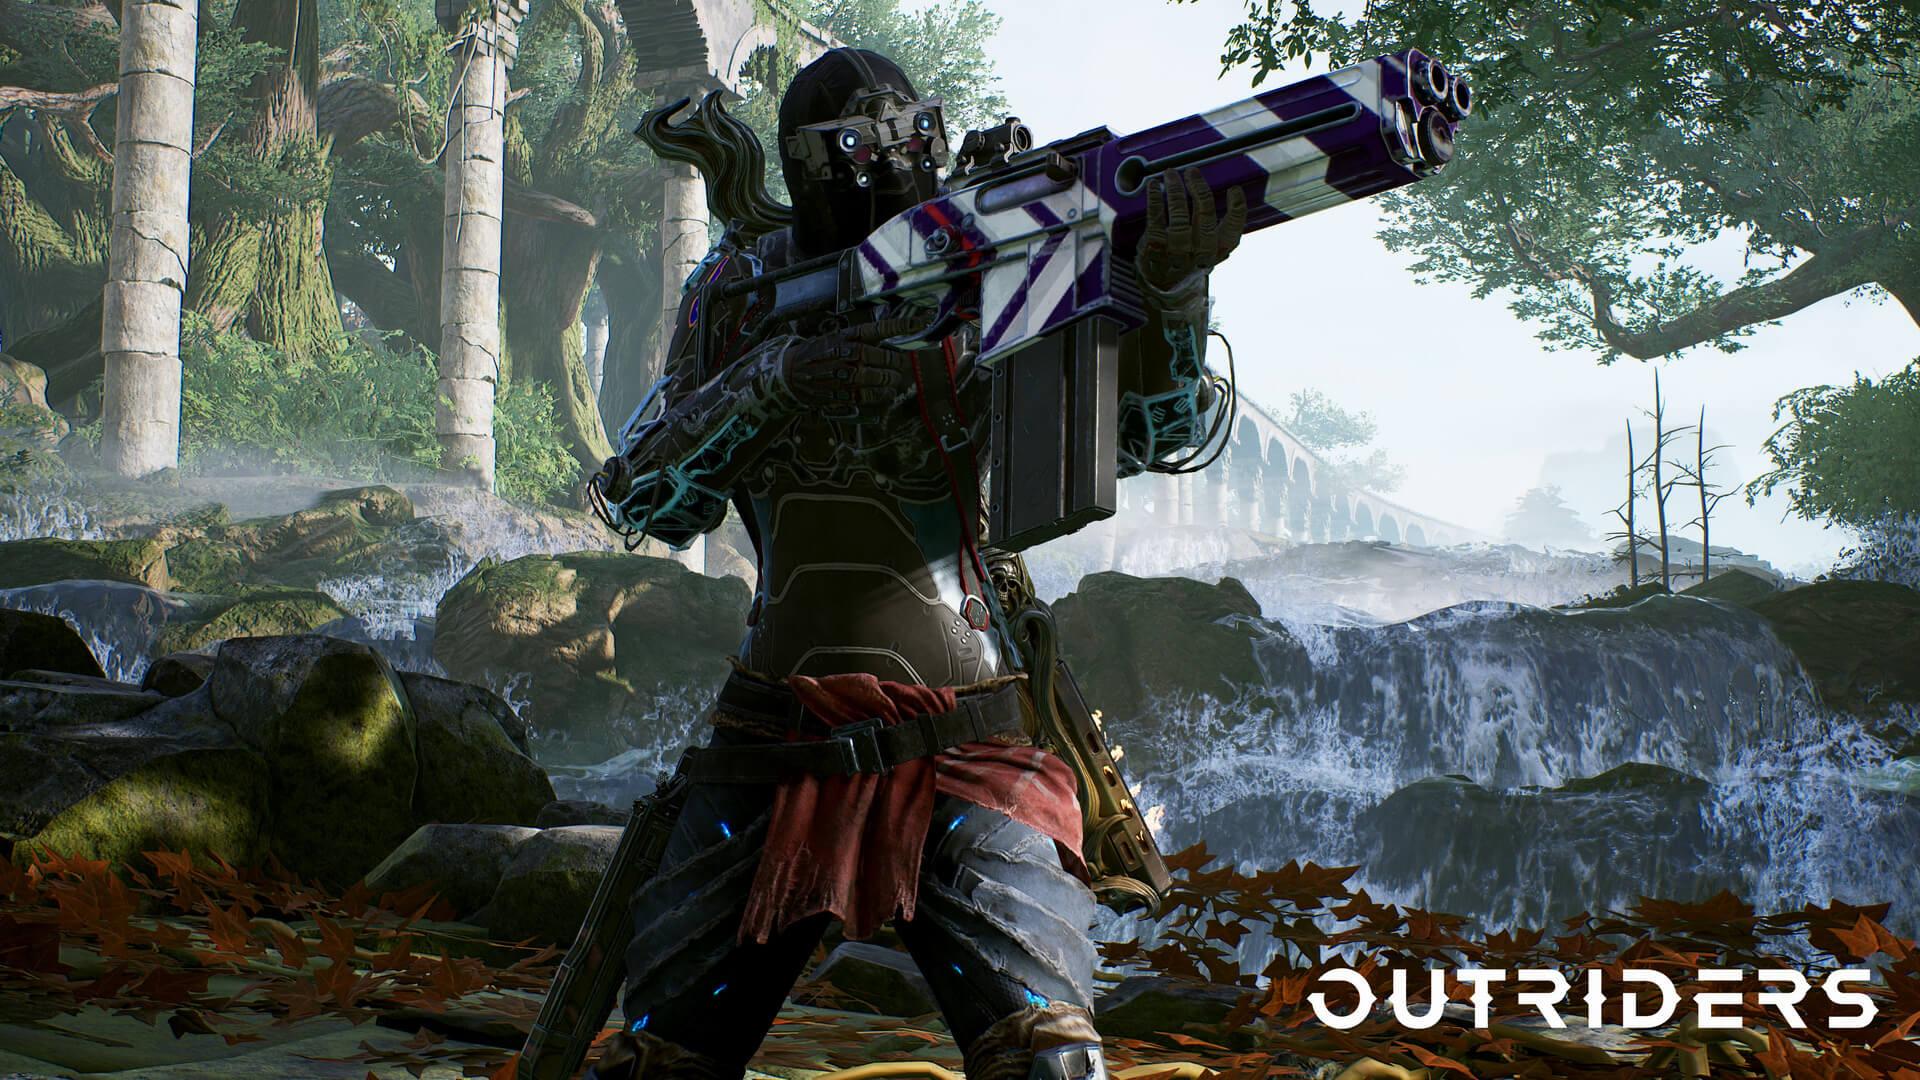 科幻射击游戏《Outriders》主线时长20小时 总时长近60小时